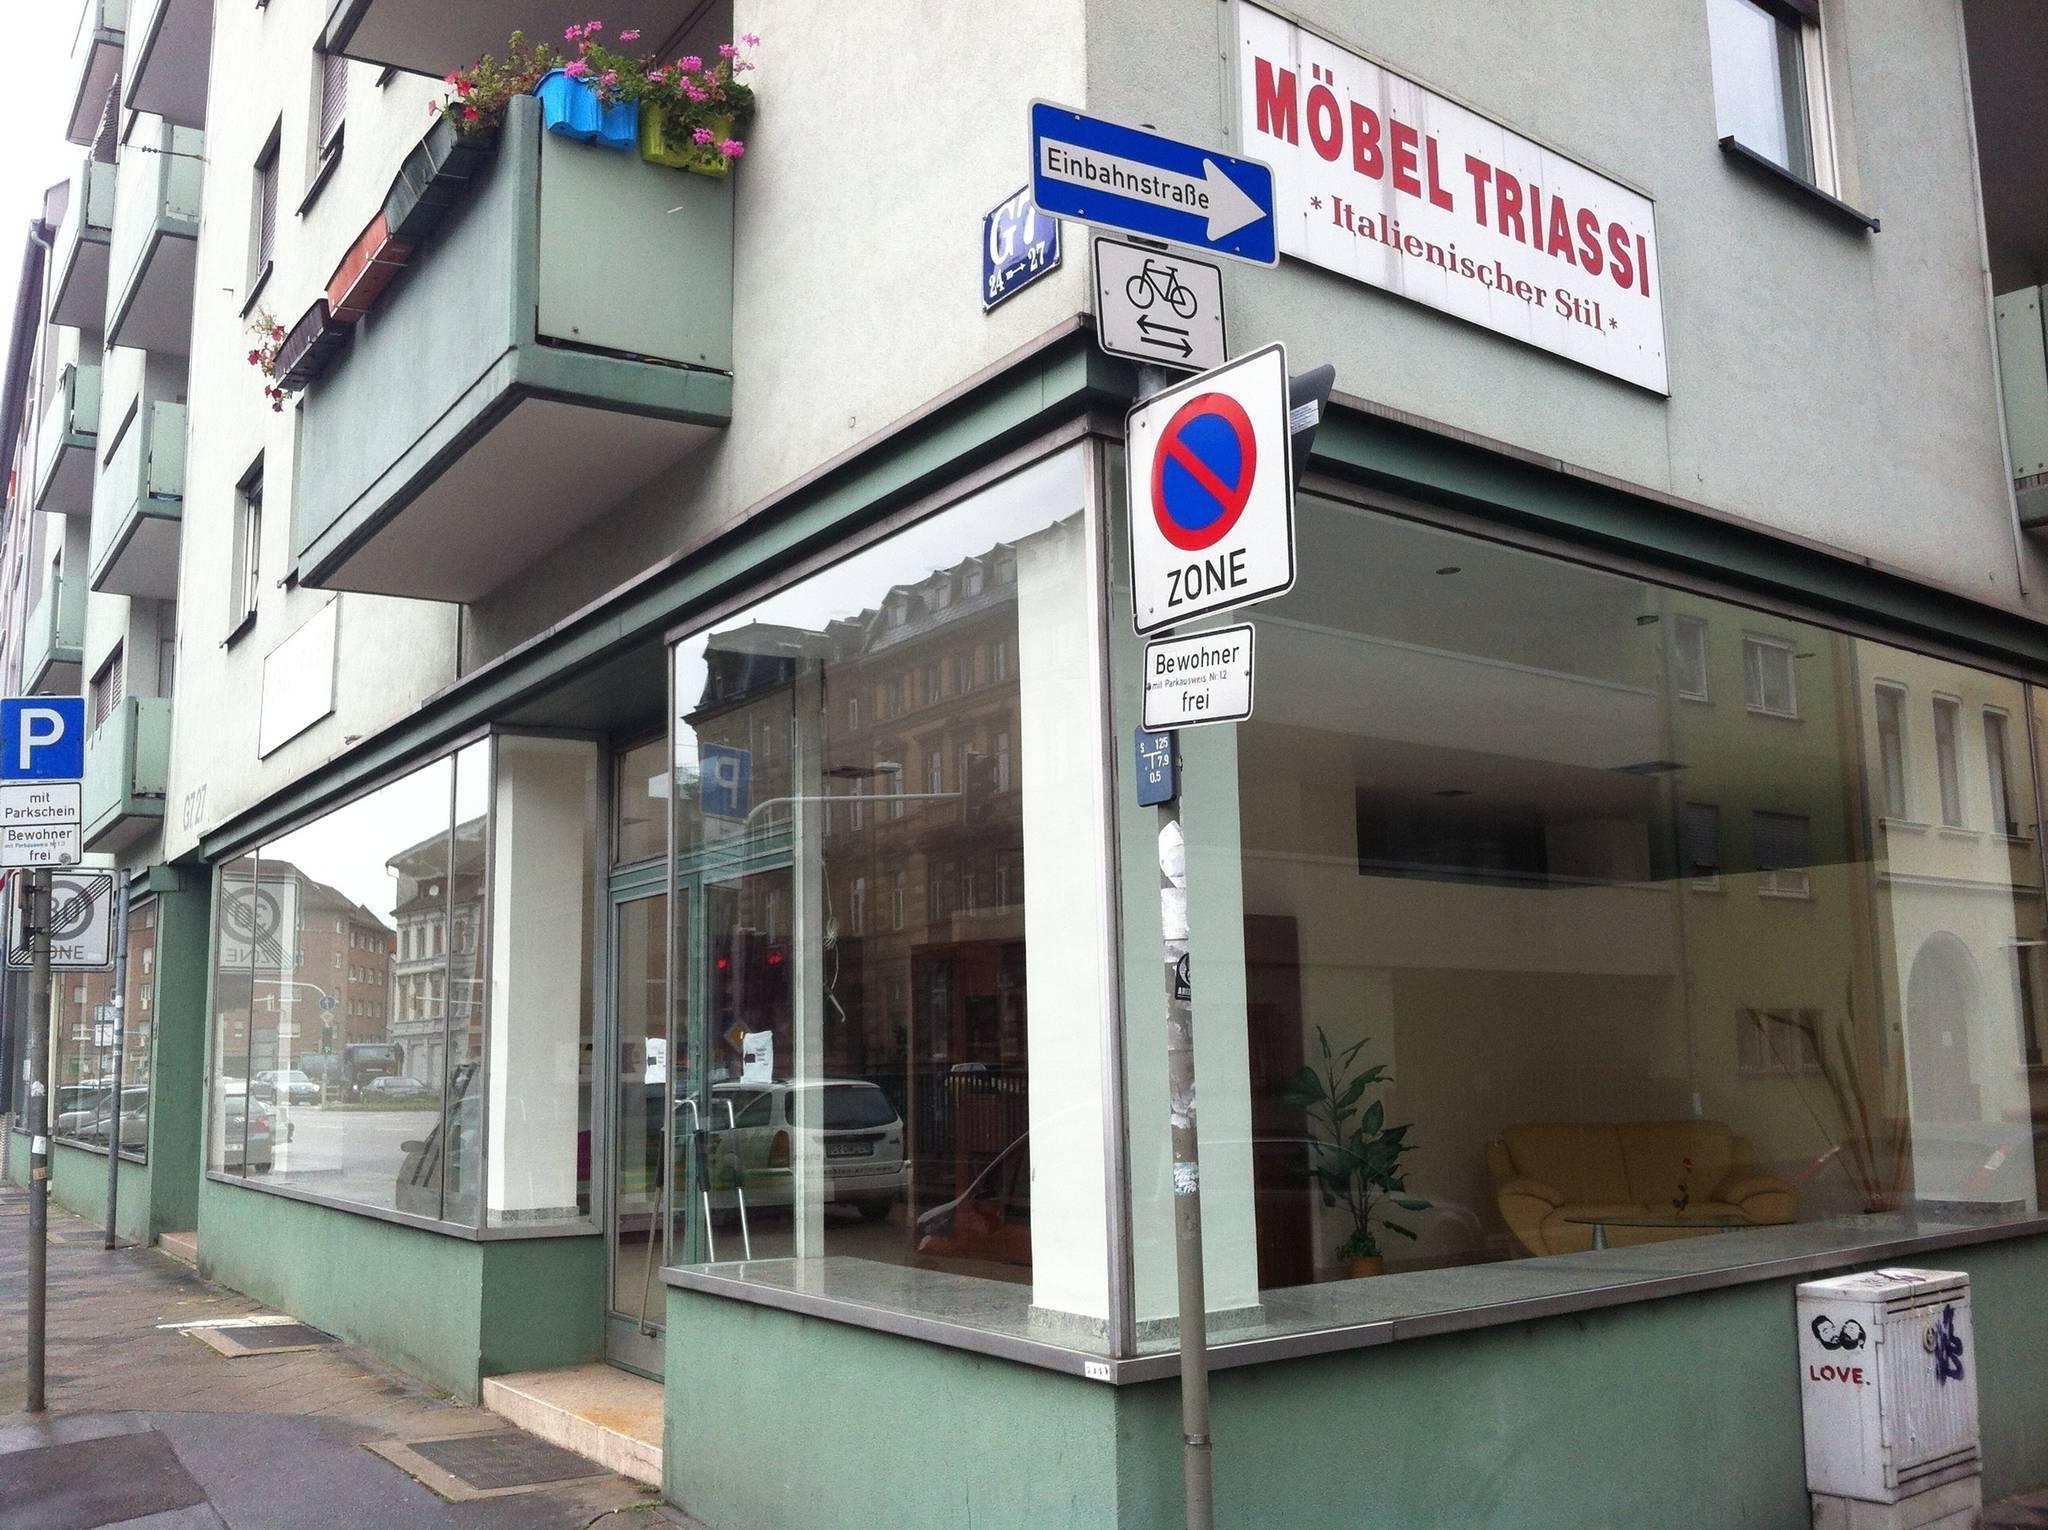 Mobili Italiani Triassi : Italienische möbel mannheim neckarau triassi calogero inhaber